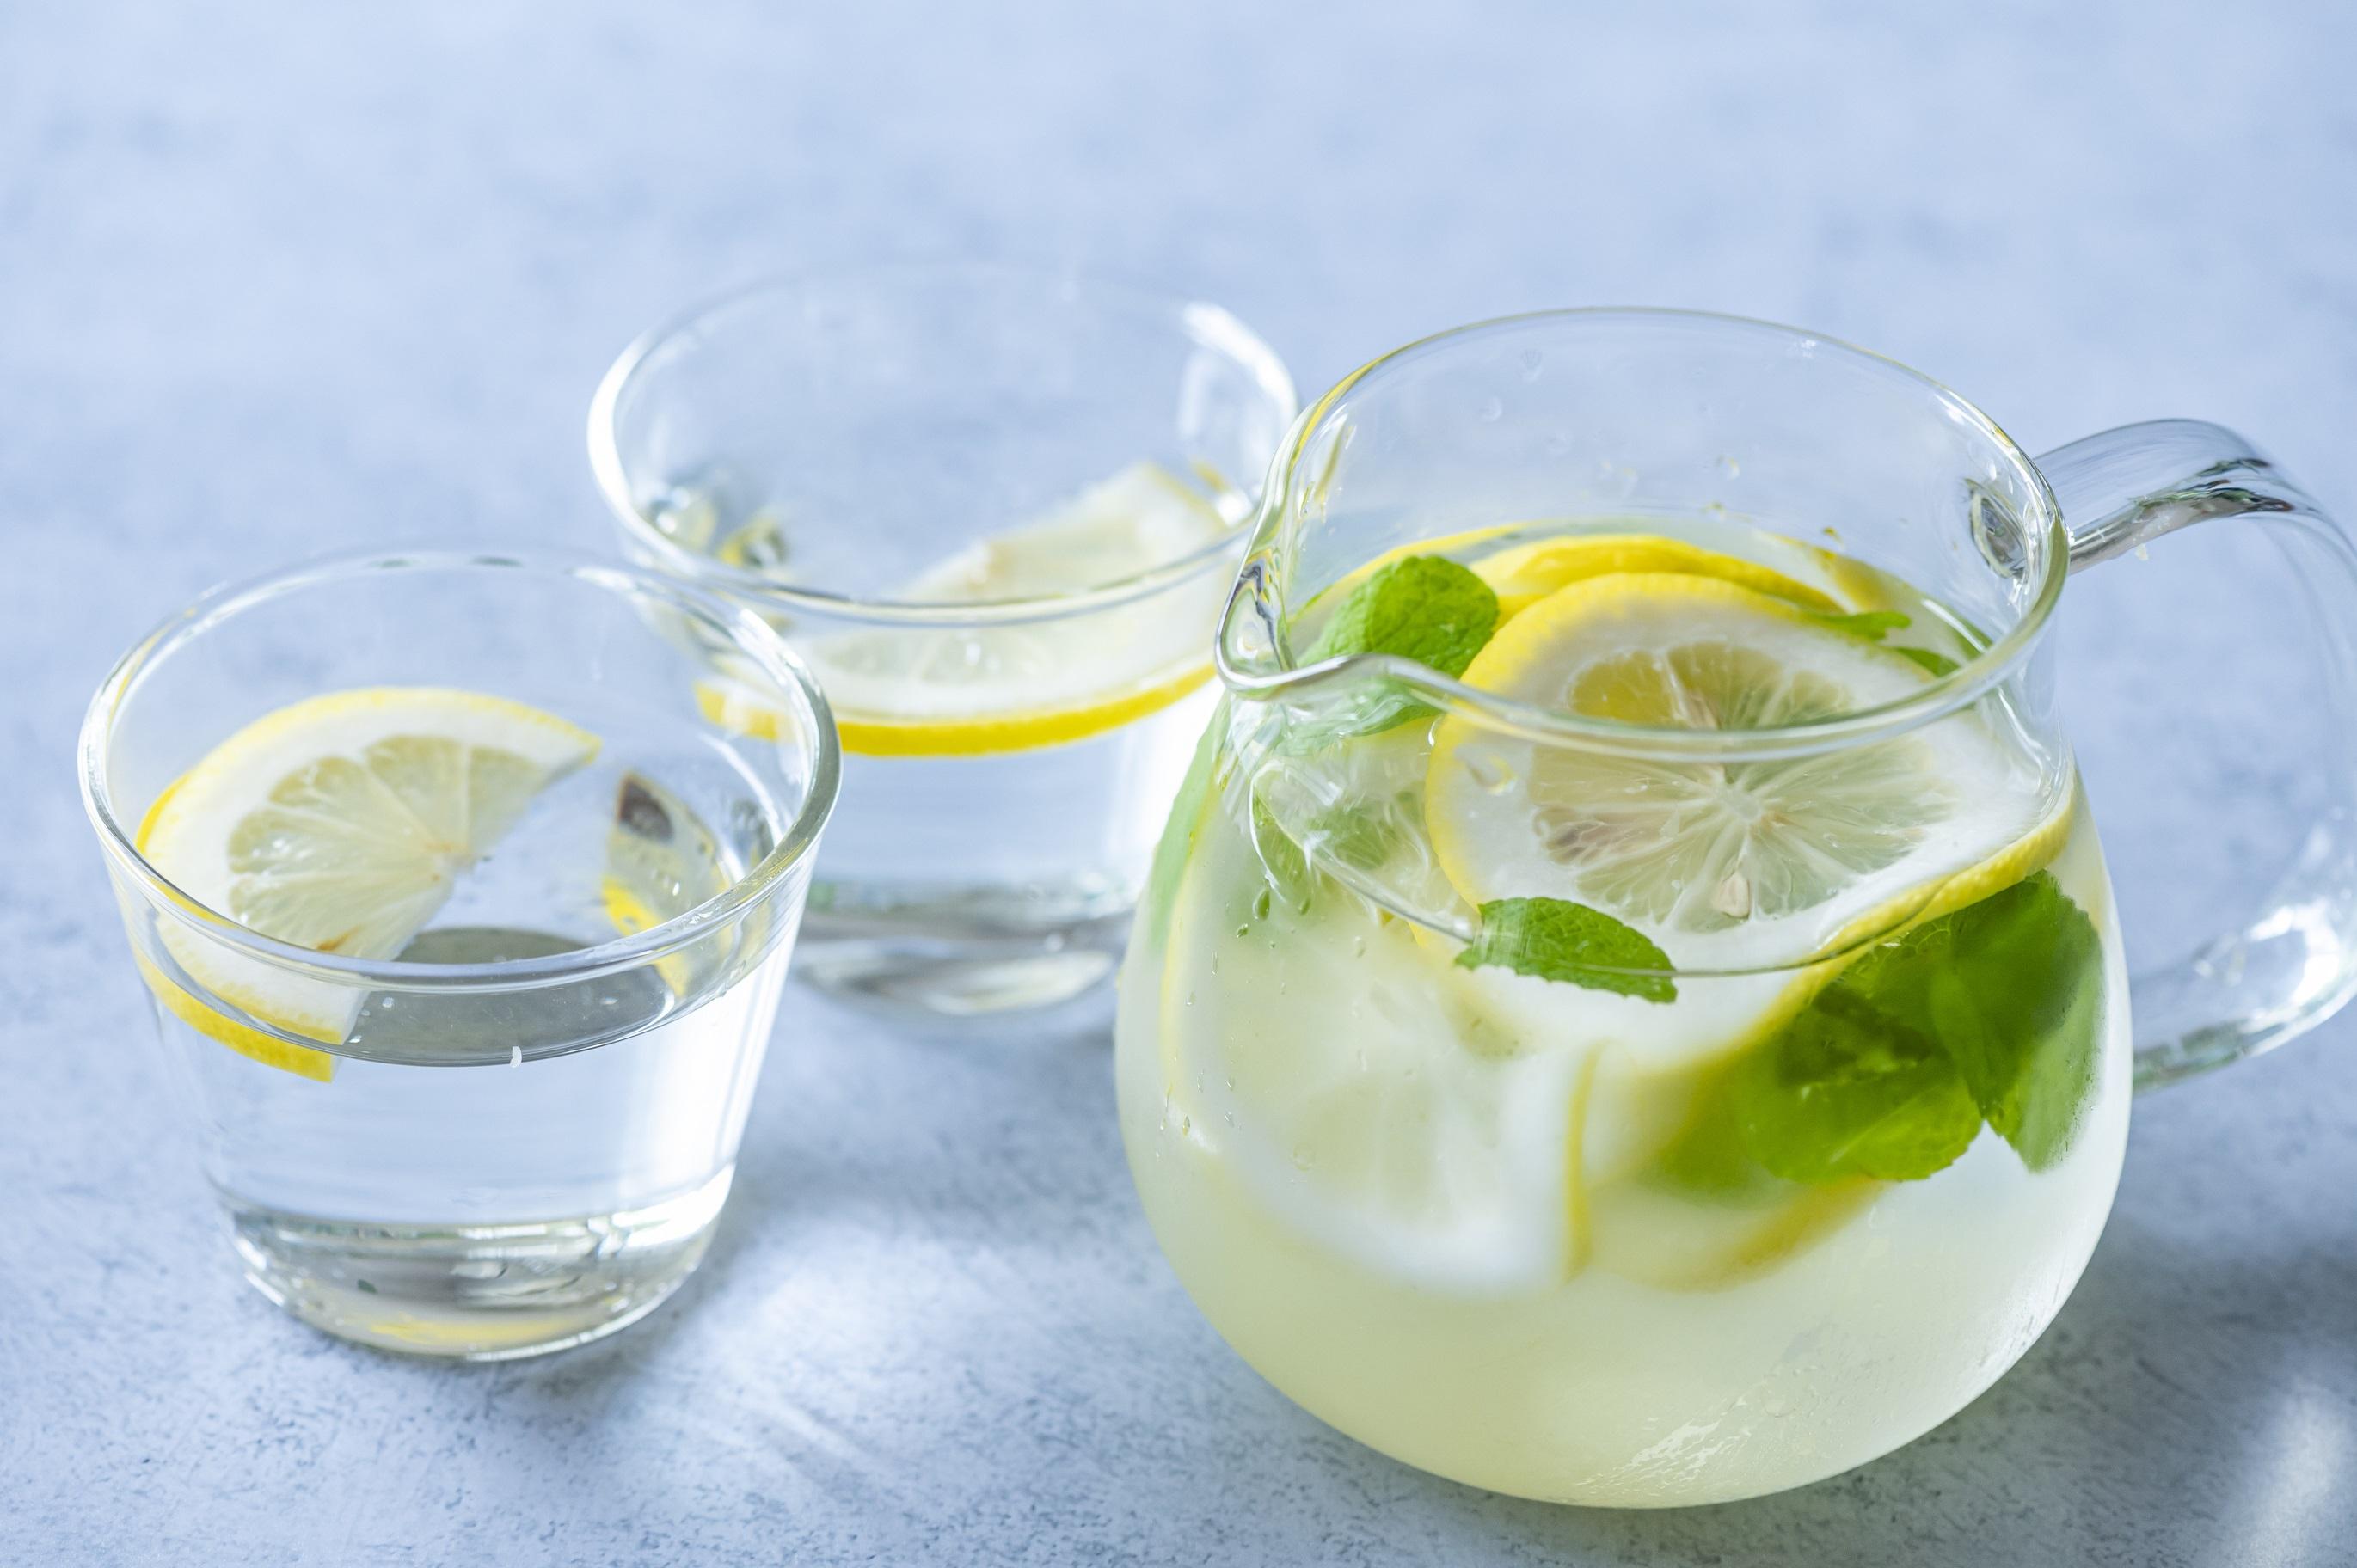 レモンでスカッと 8月の人気ランキング1.2.3発表